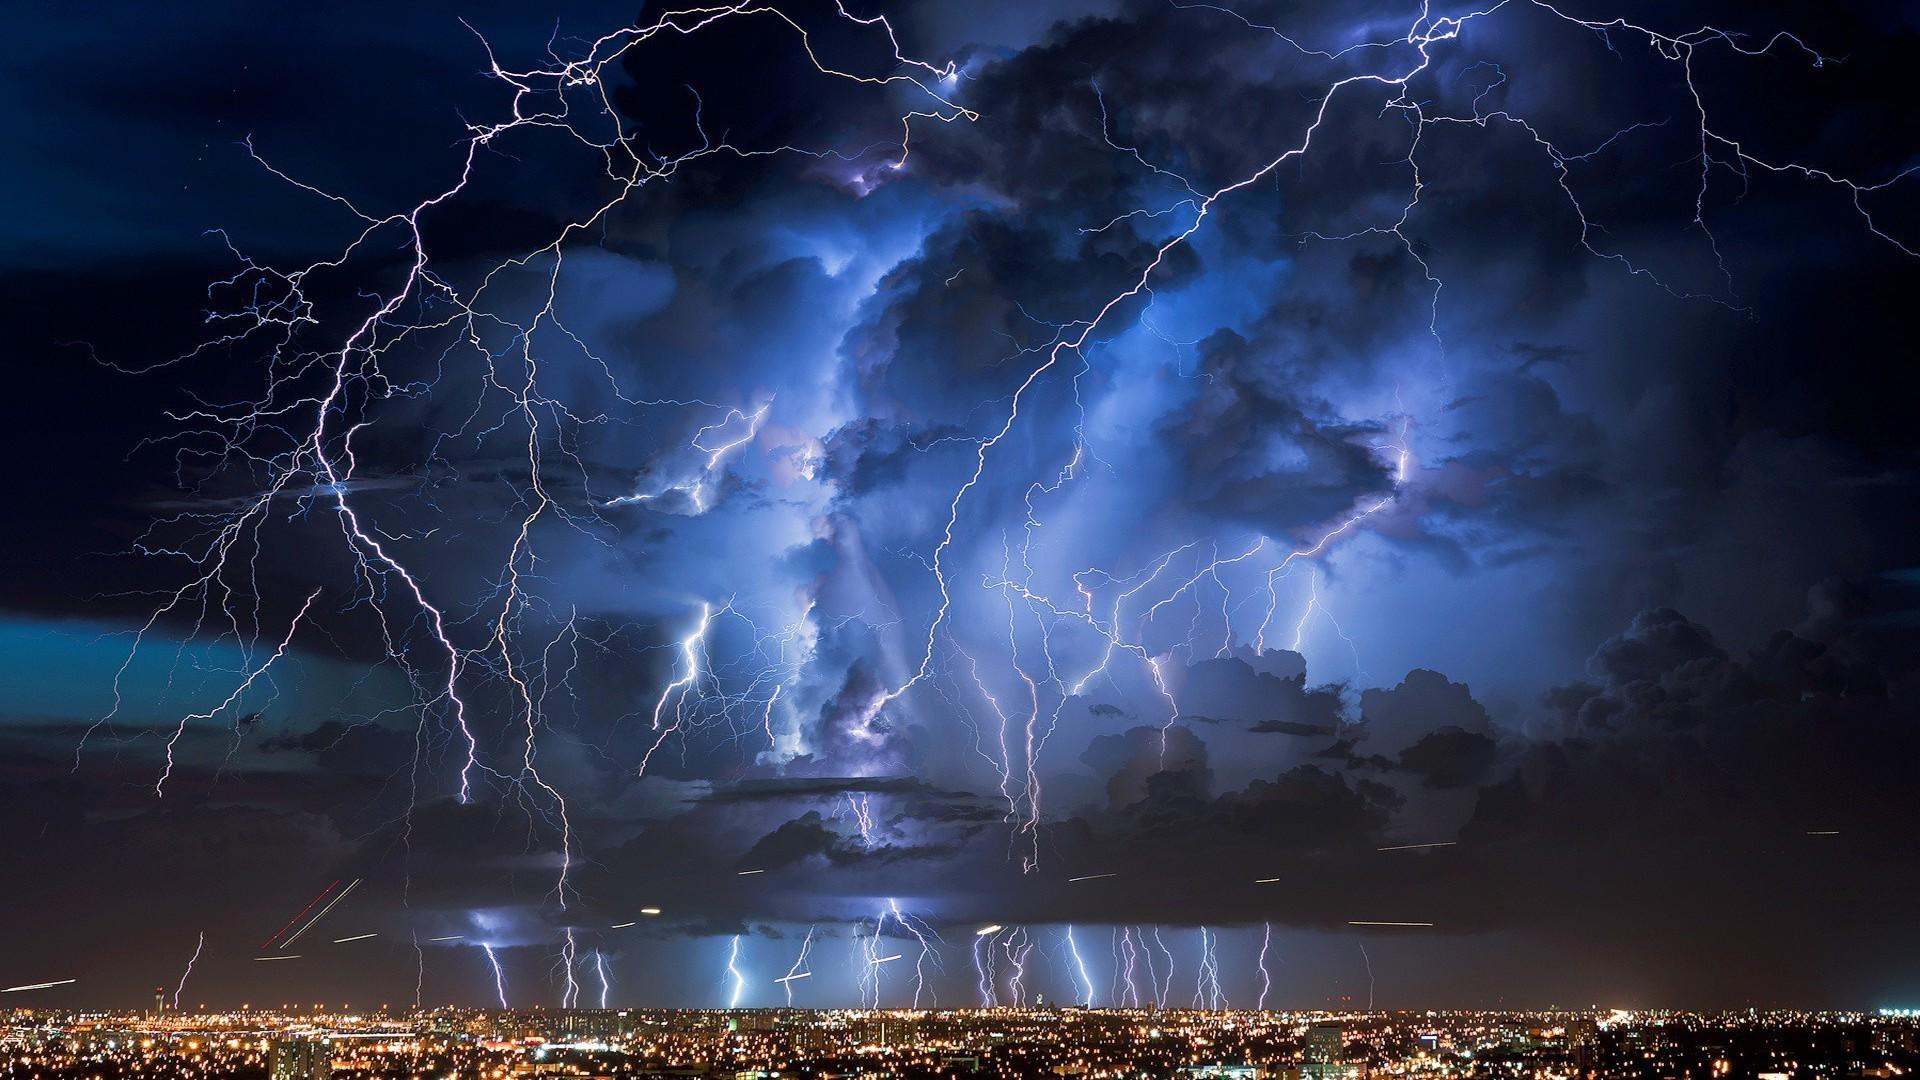 картинки рабочего стола молния